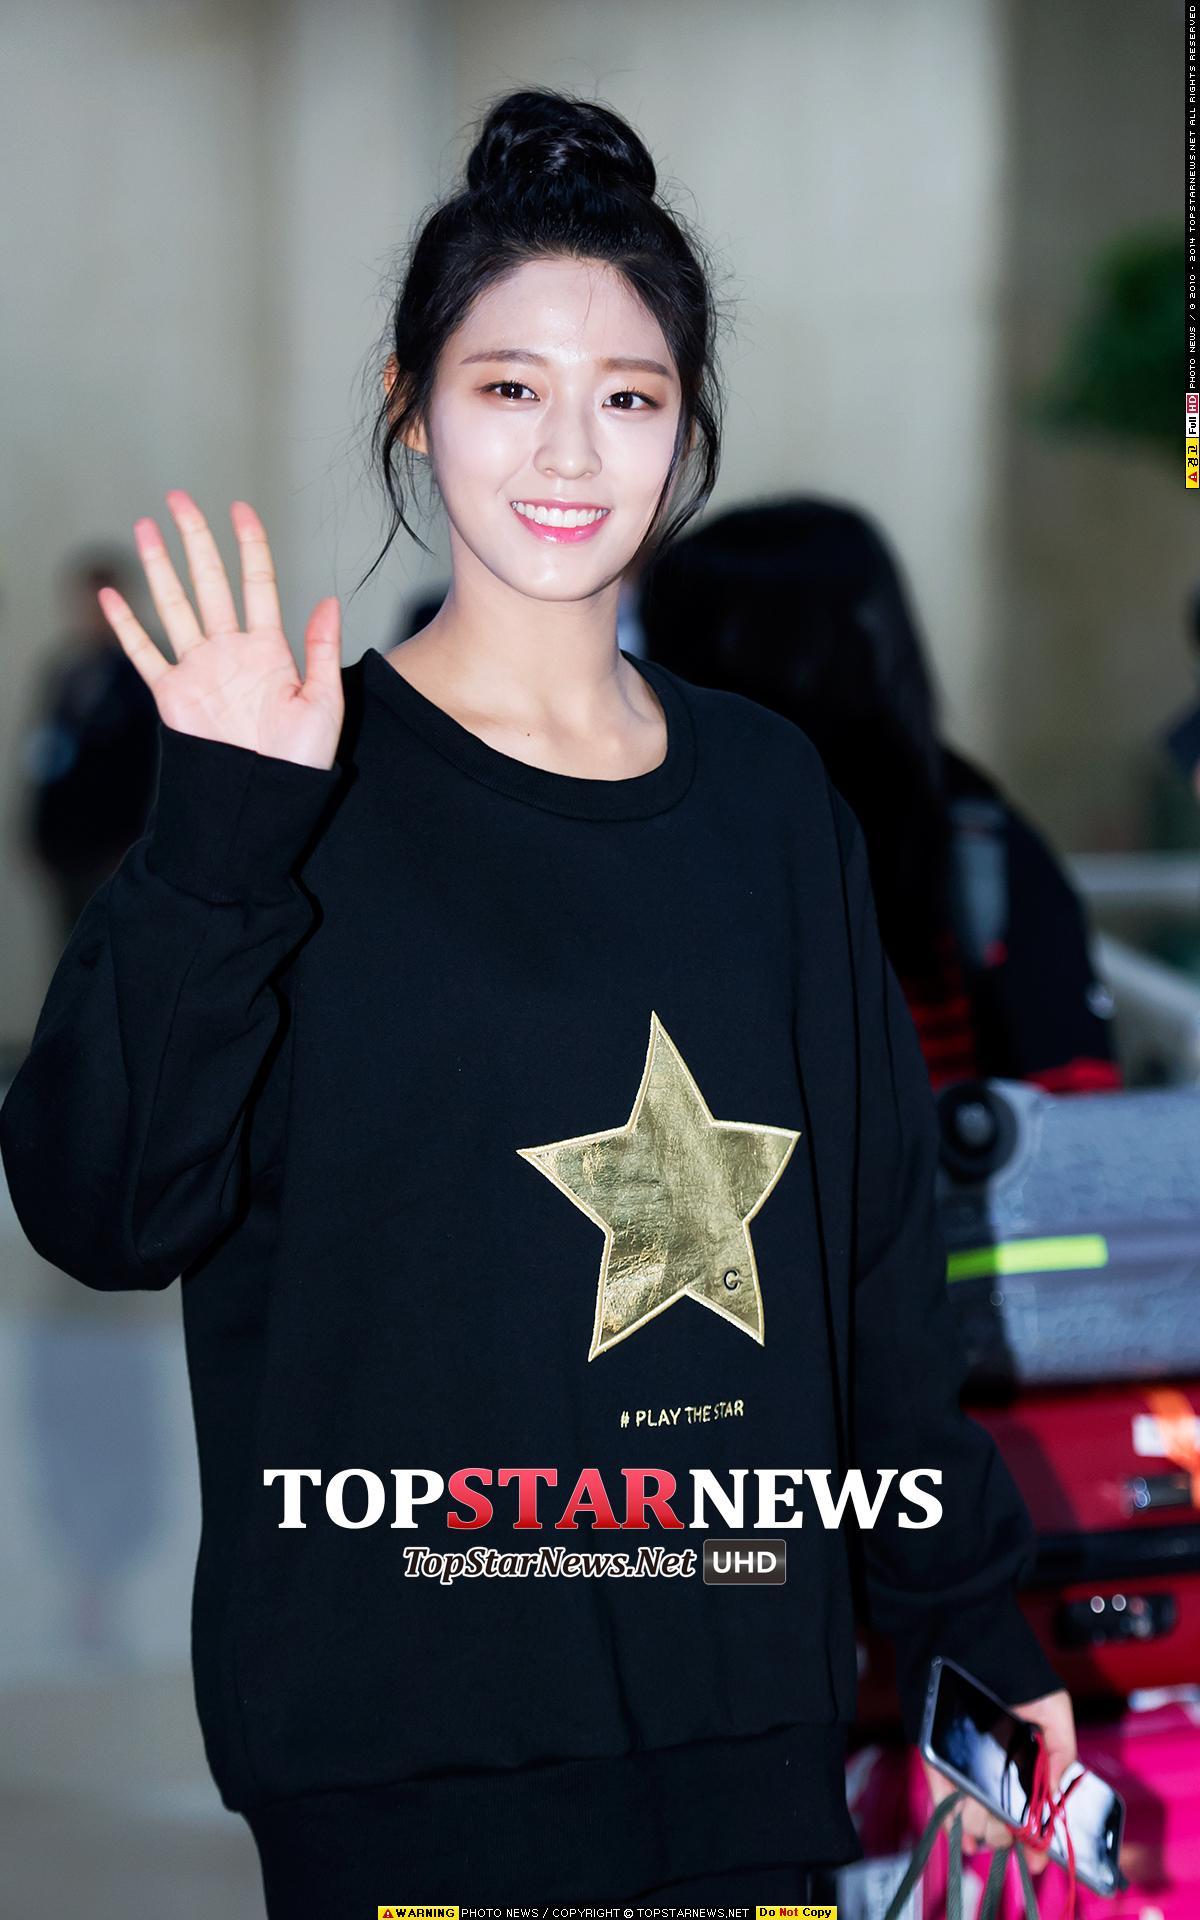 沒錯!就是去年年底雪炫在機場穿過的星星大學T